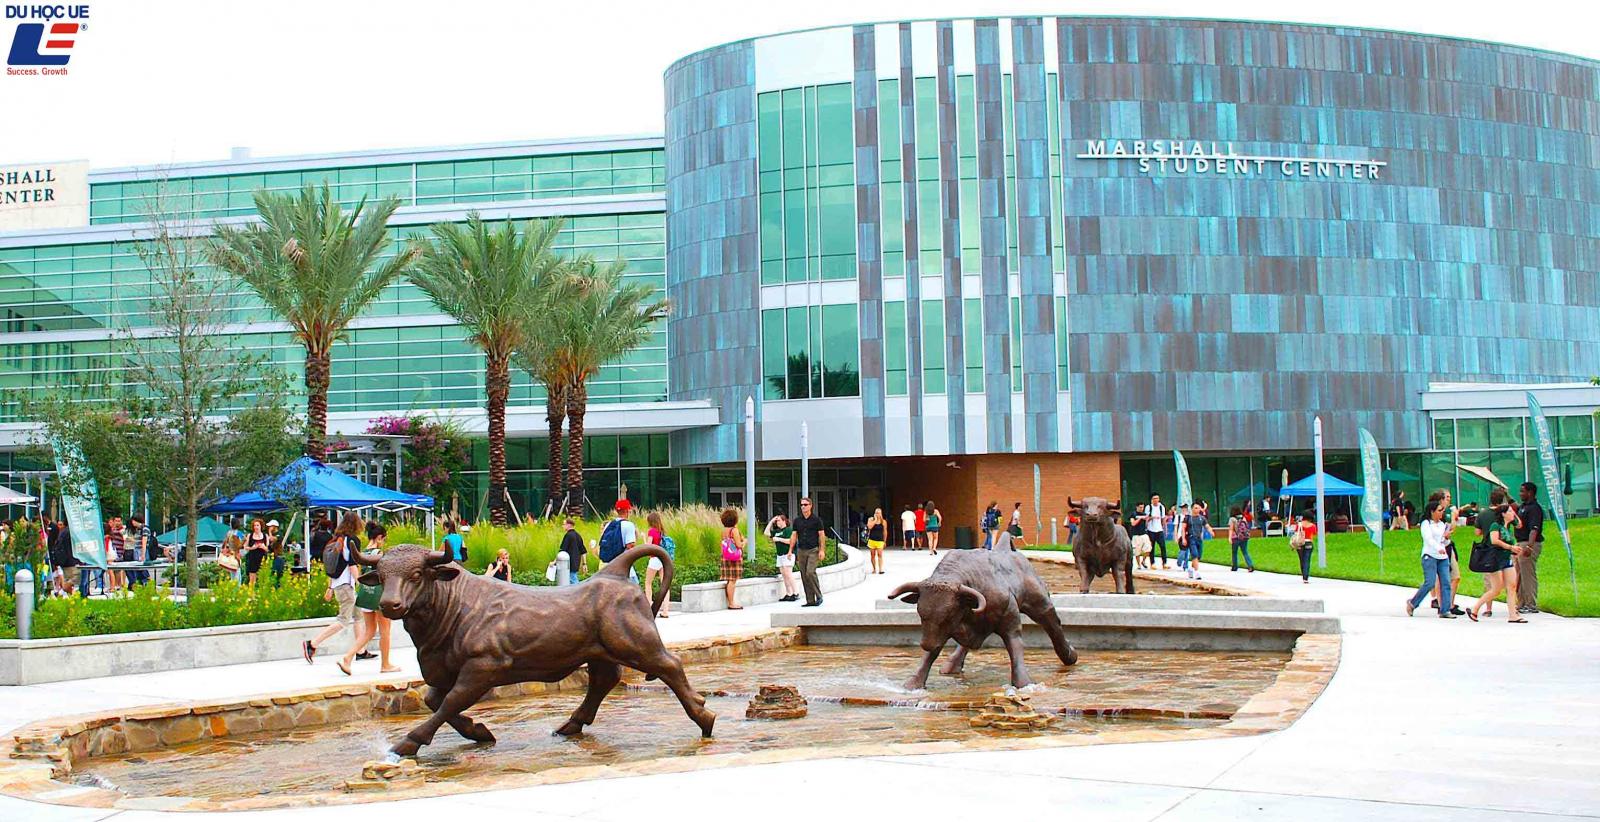 Du học dễ dàng tại Mỹ với học bổng từ University Of South Florida 3